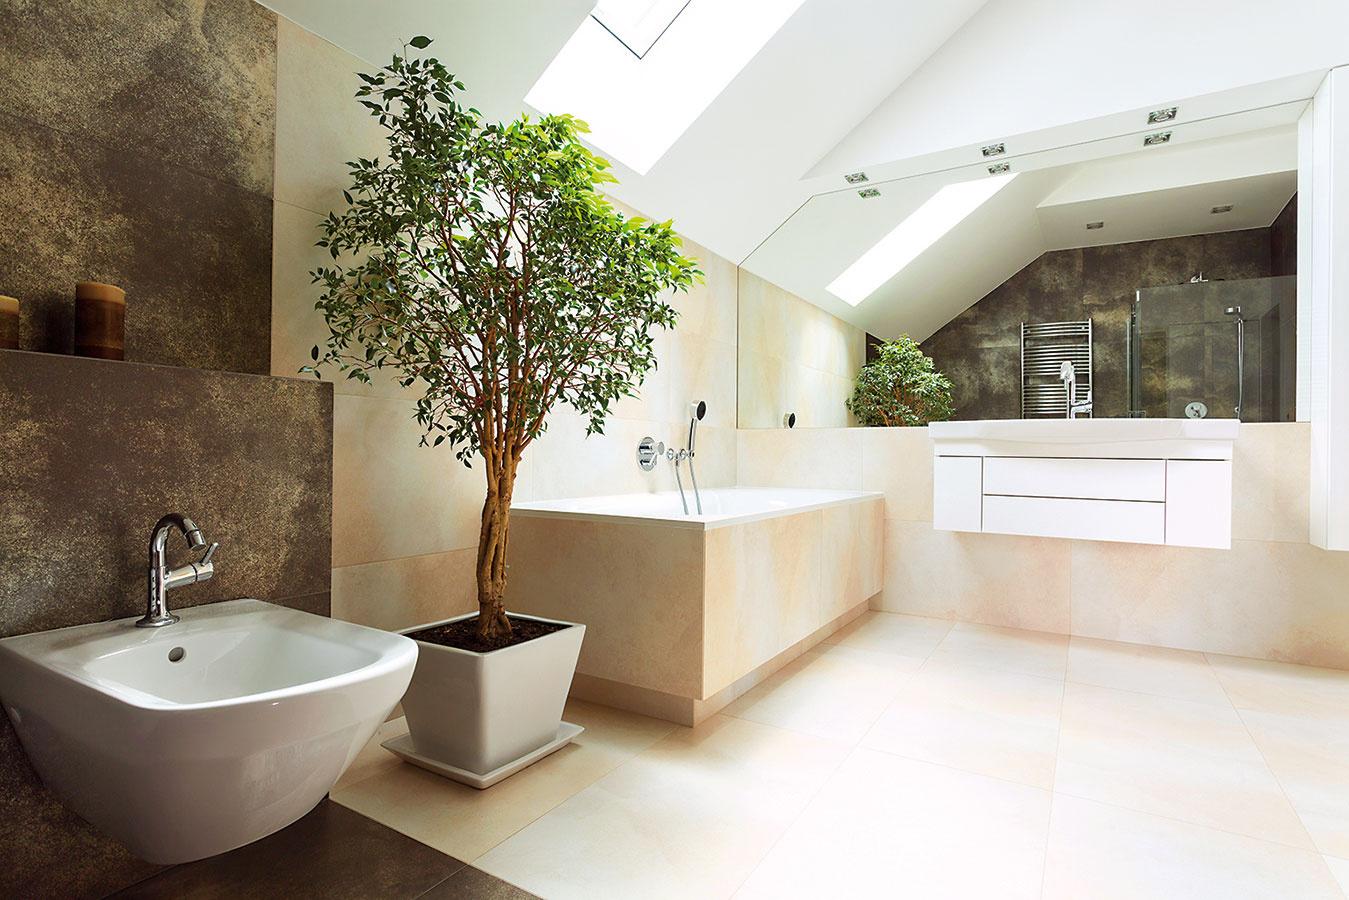 Výberu obalovej nádoby venujte náležitú pozornosť. Vždy by sa mala niesť vpodobnom duchu ako zvyšok kúpeľne. Veľkosť nádoby vždy prispôsobte veľkosti rastliny, ak nepostačuje, rastlinu určite presaďte.